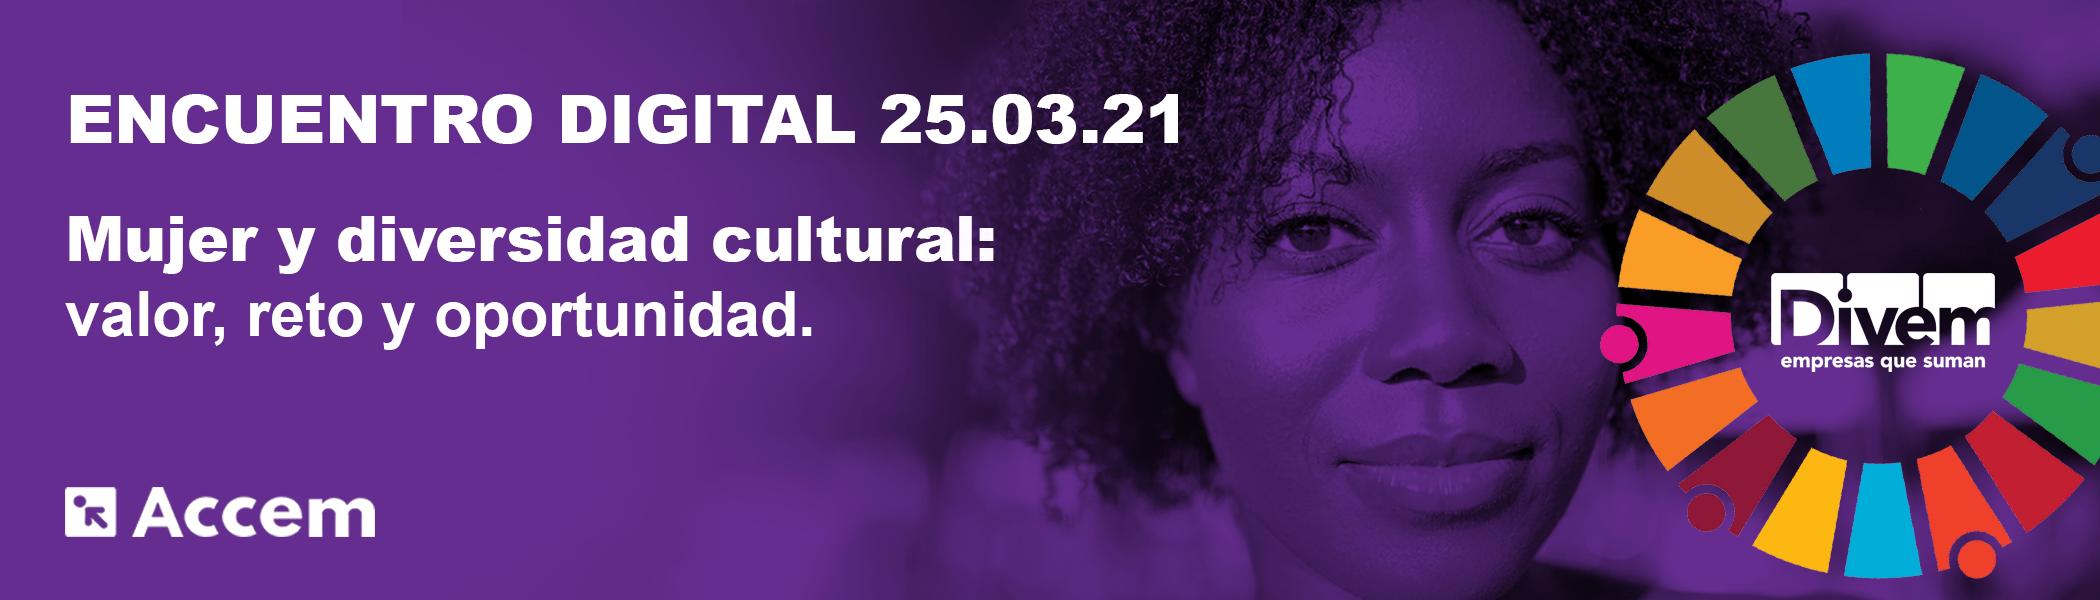 """Encuentro DIVEM """"Mujer y diversidad cultural: valor, reto y oportunidad"""""""